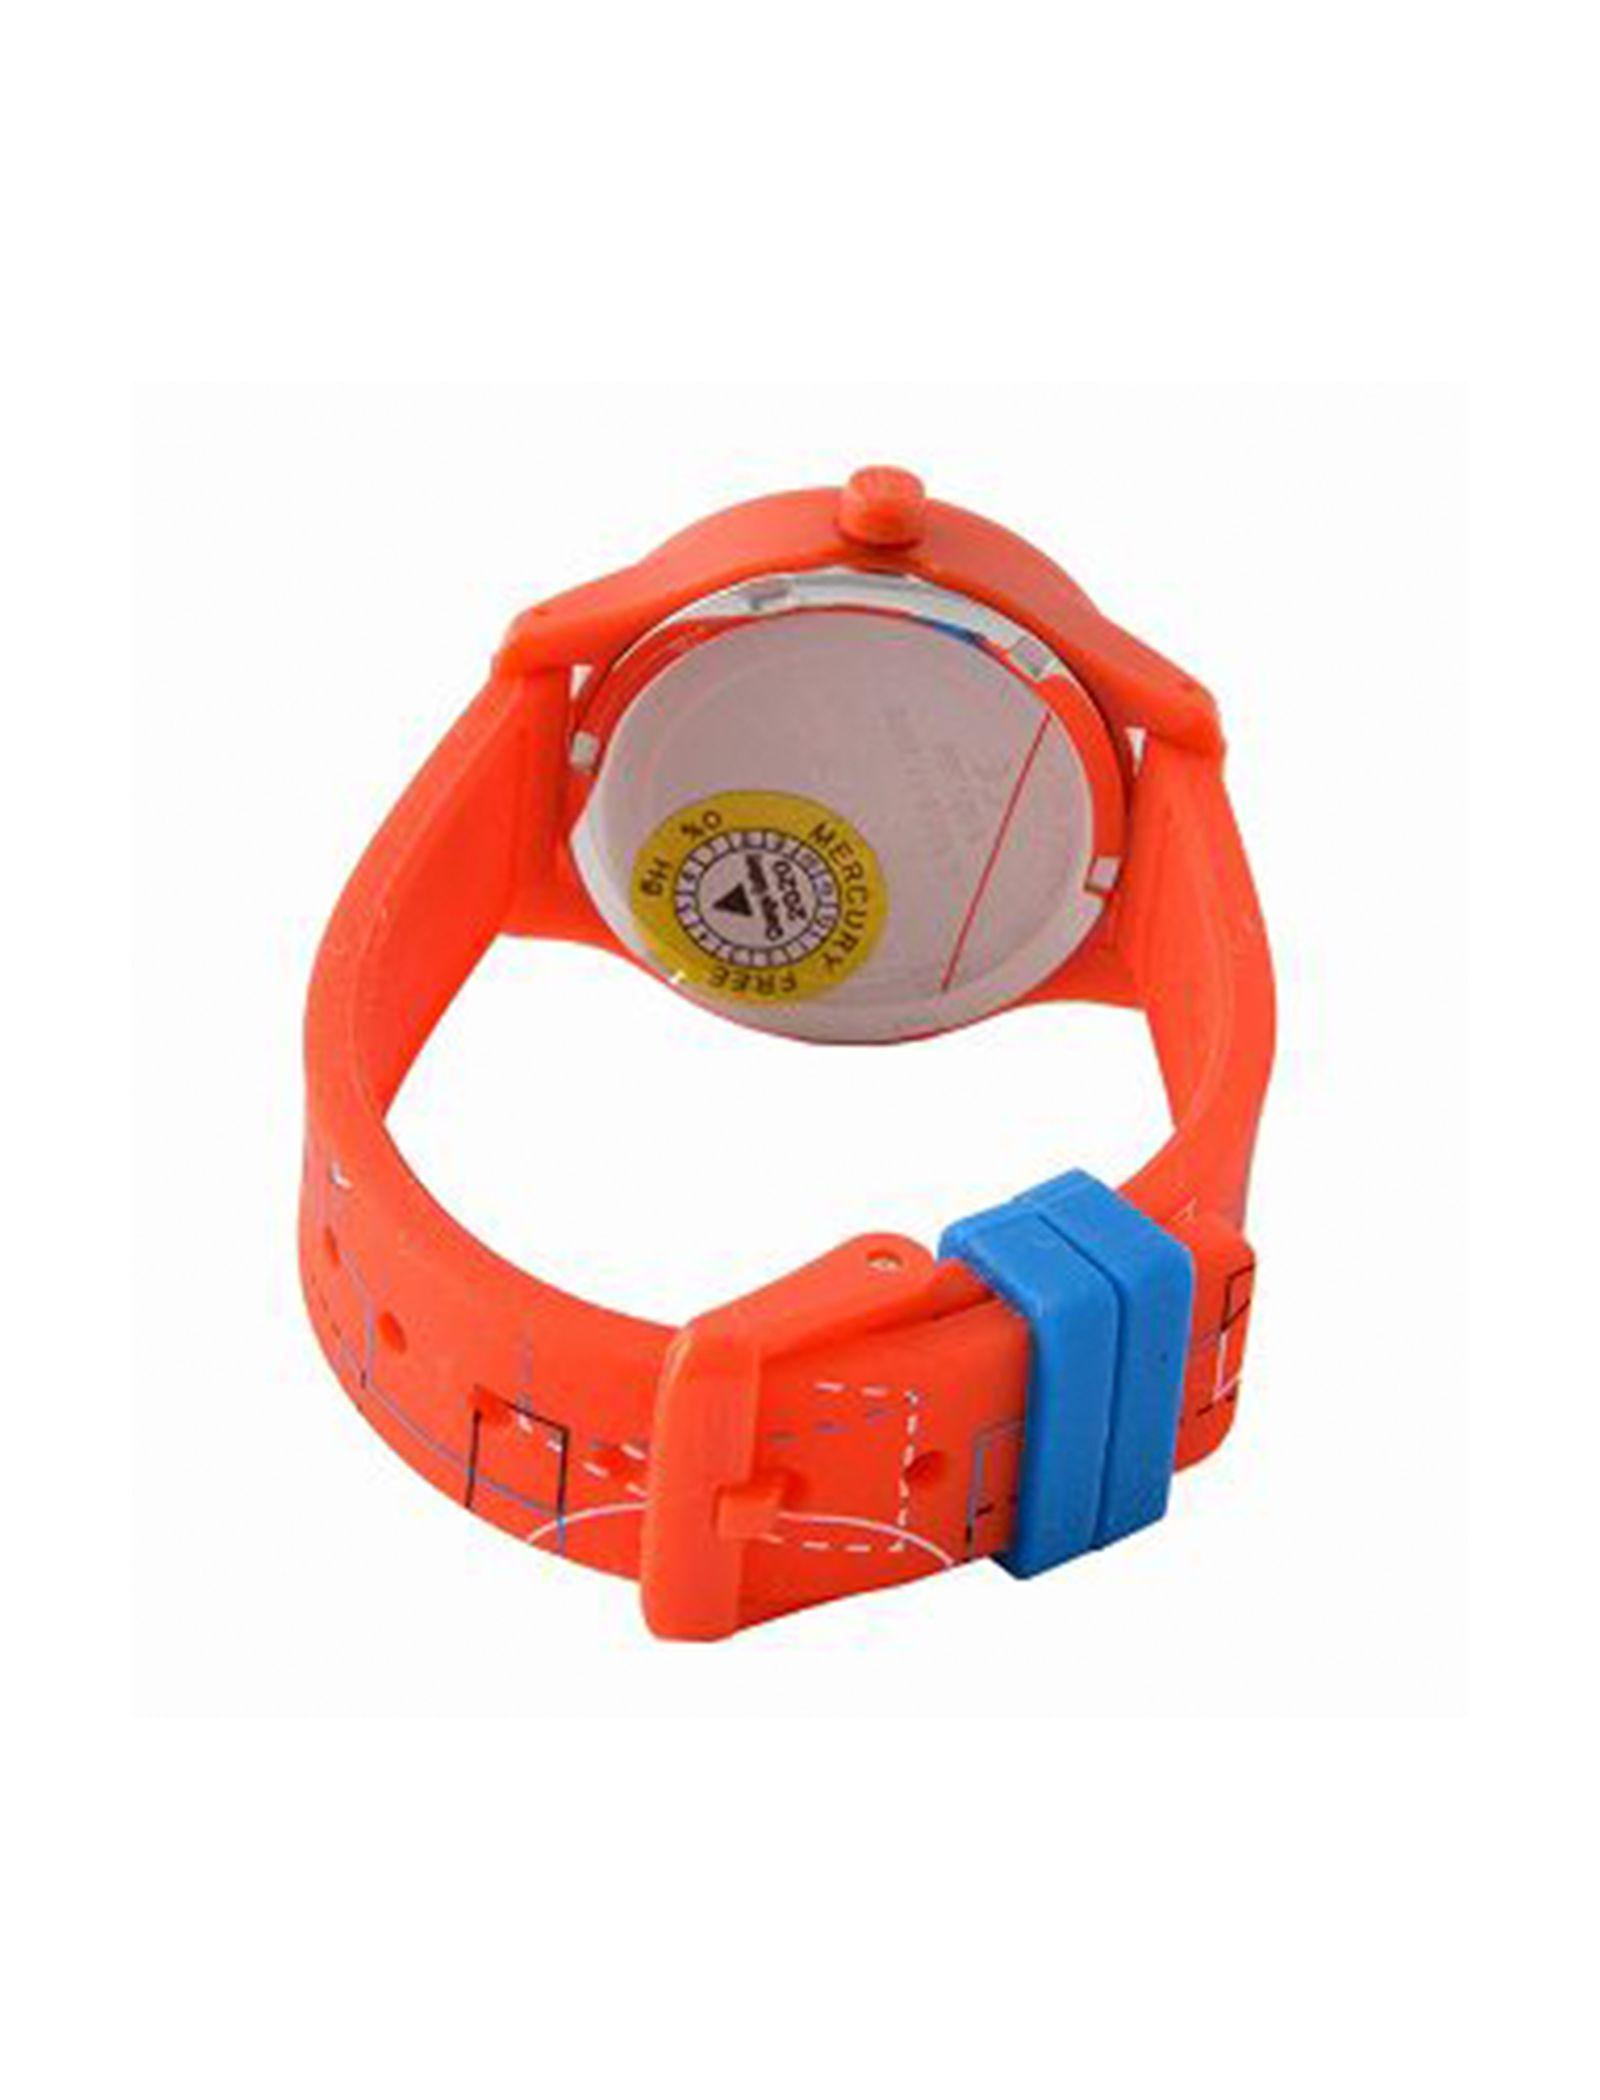 ساعت مچی عقربه ای بچگانه لاگوست مدل 2030010 - نارنجی - 3